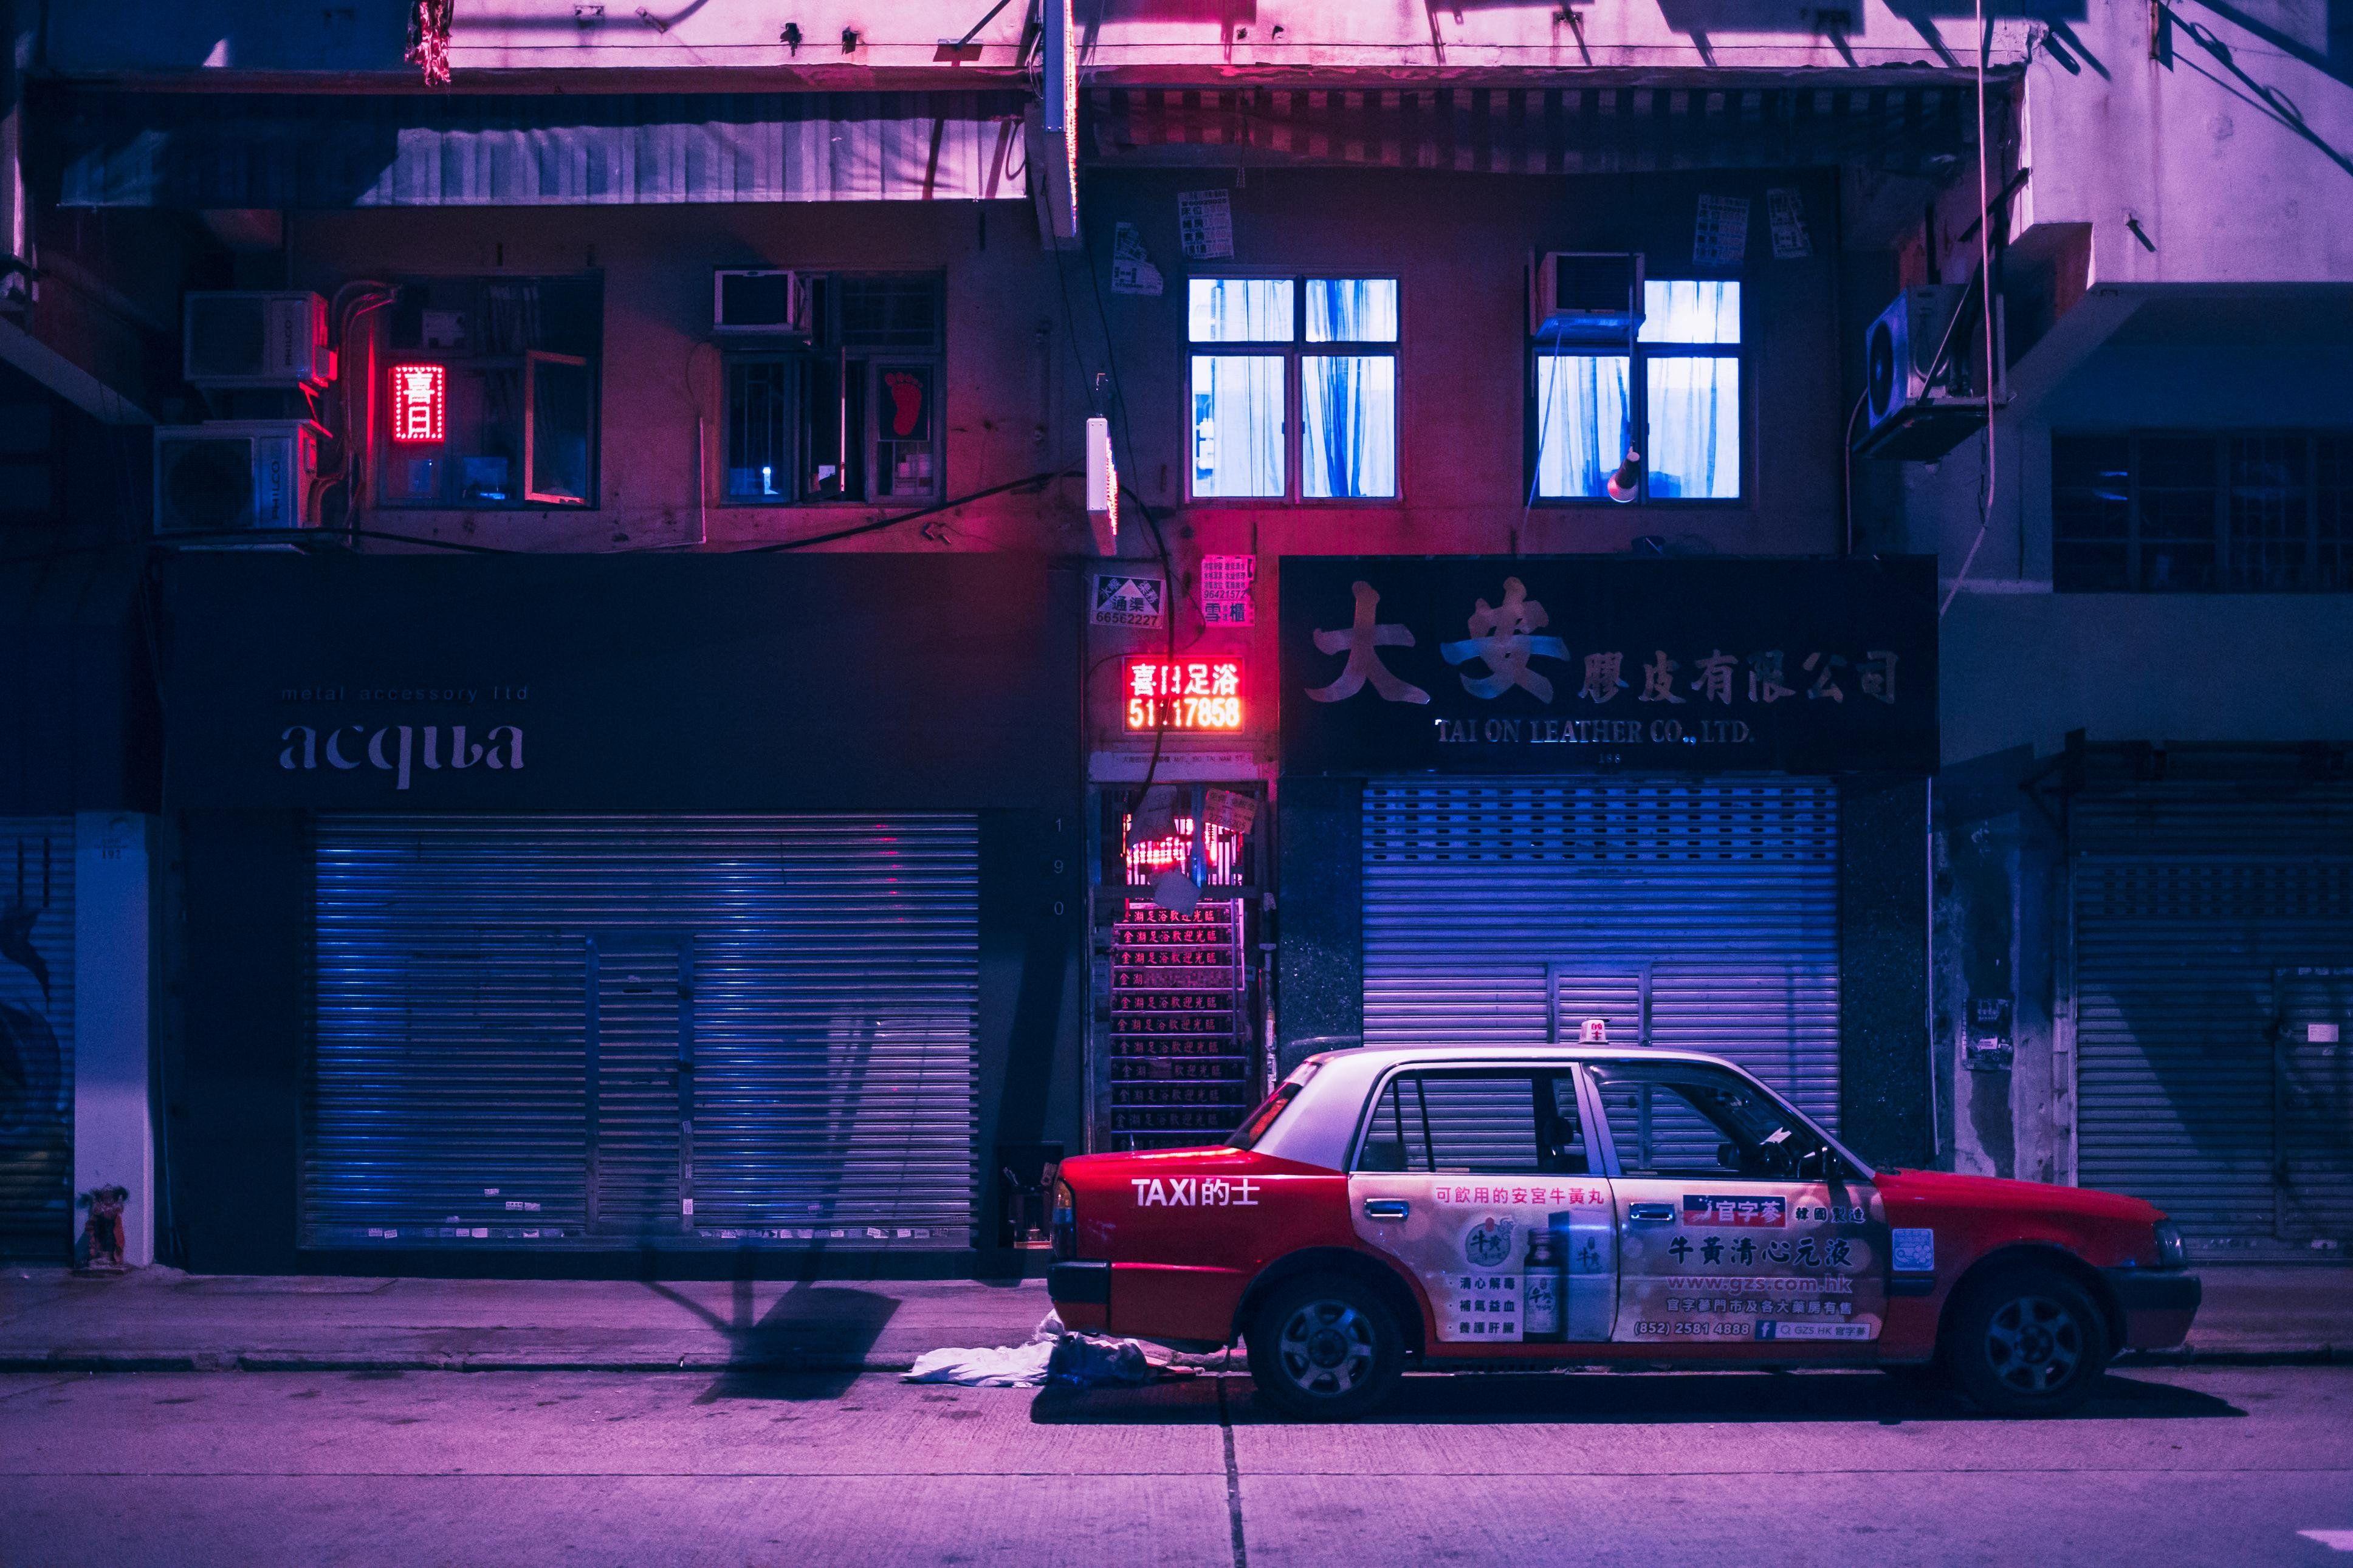 General 3872x2581 Kowloon Hong Kong China vaporwave neon